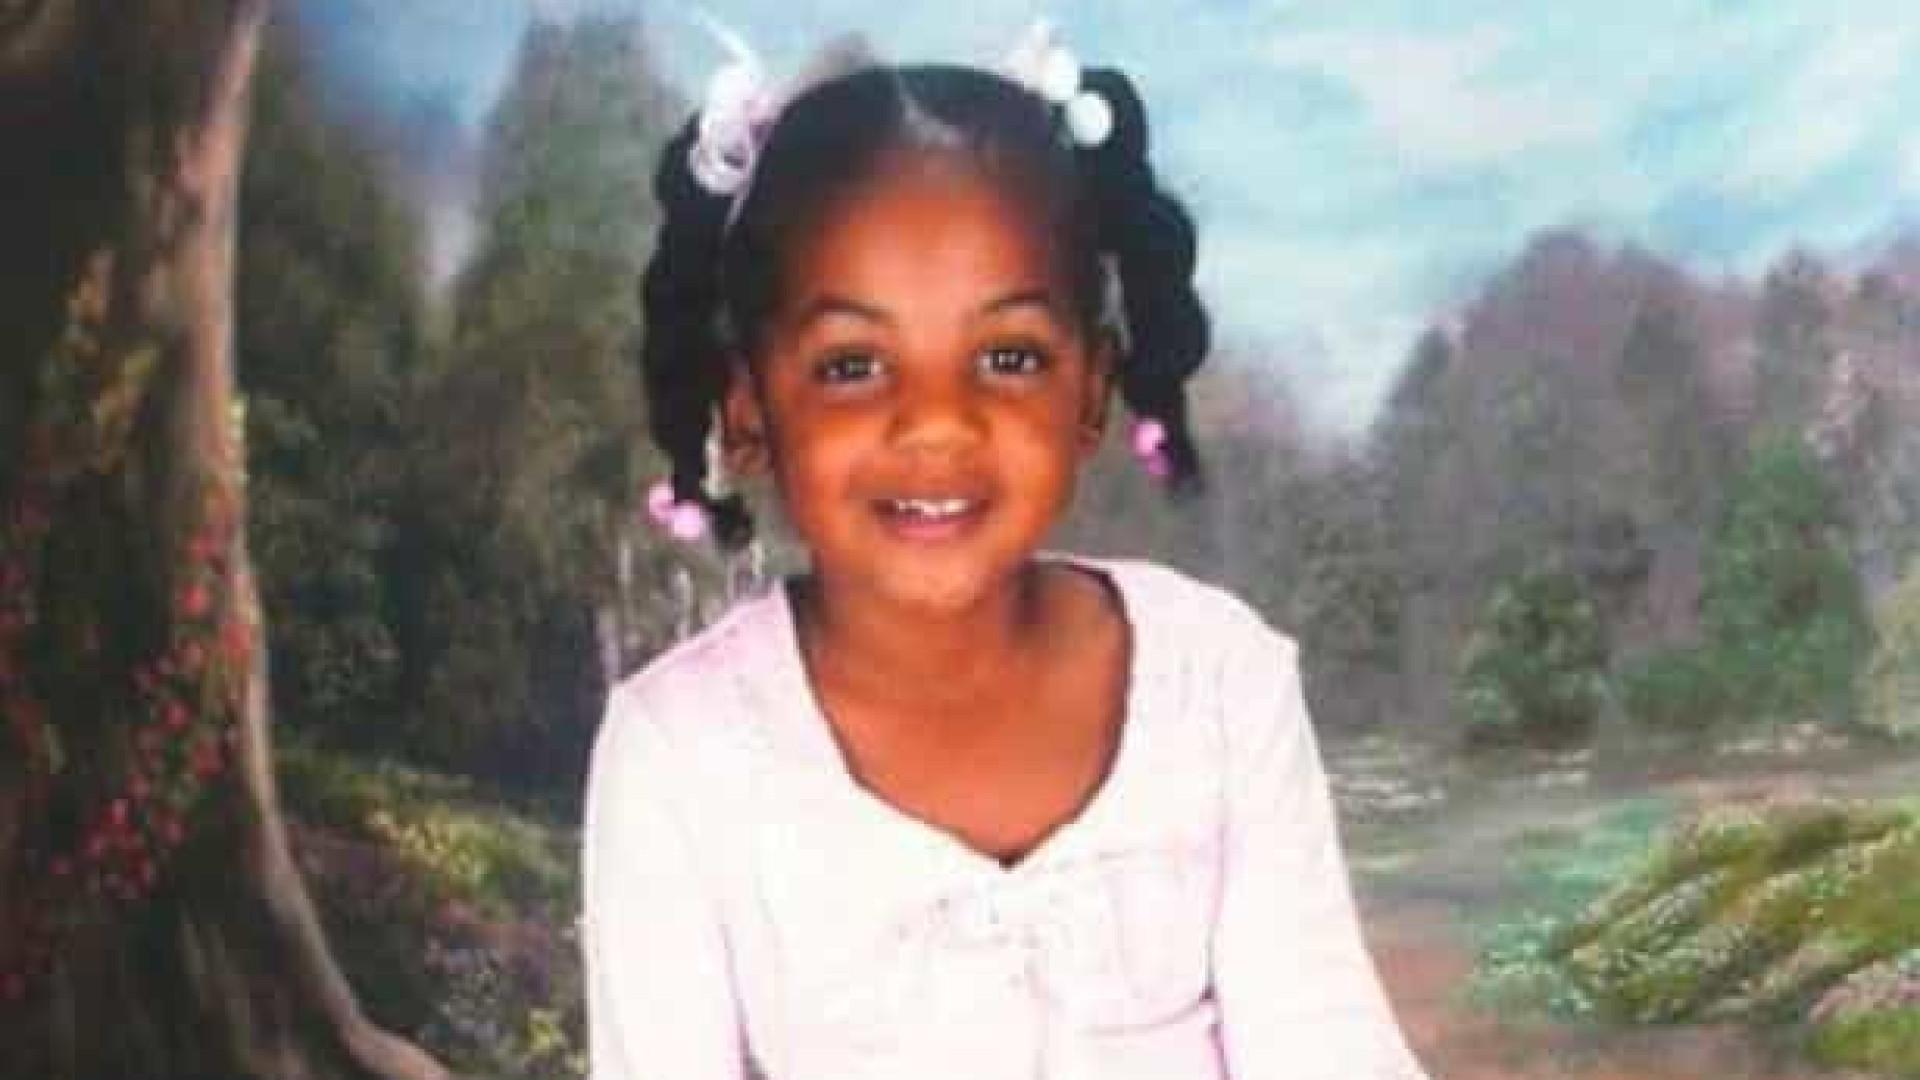 Menina torturada até à morte pela madrasta pesava 14 quilos aos 10 anos